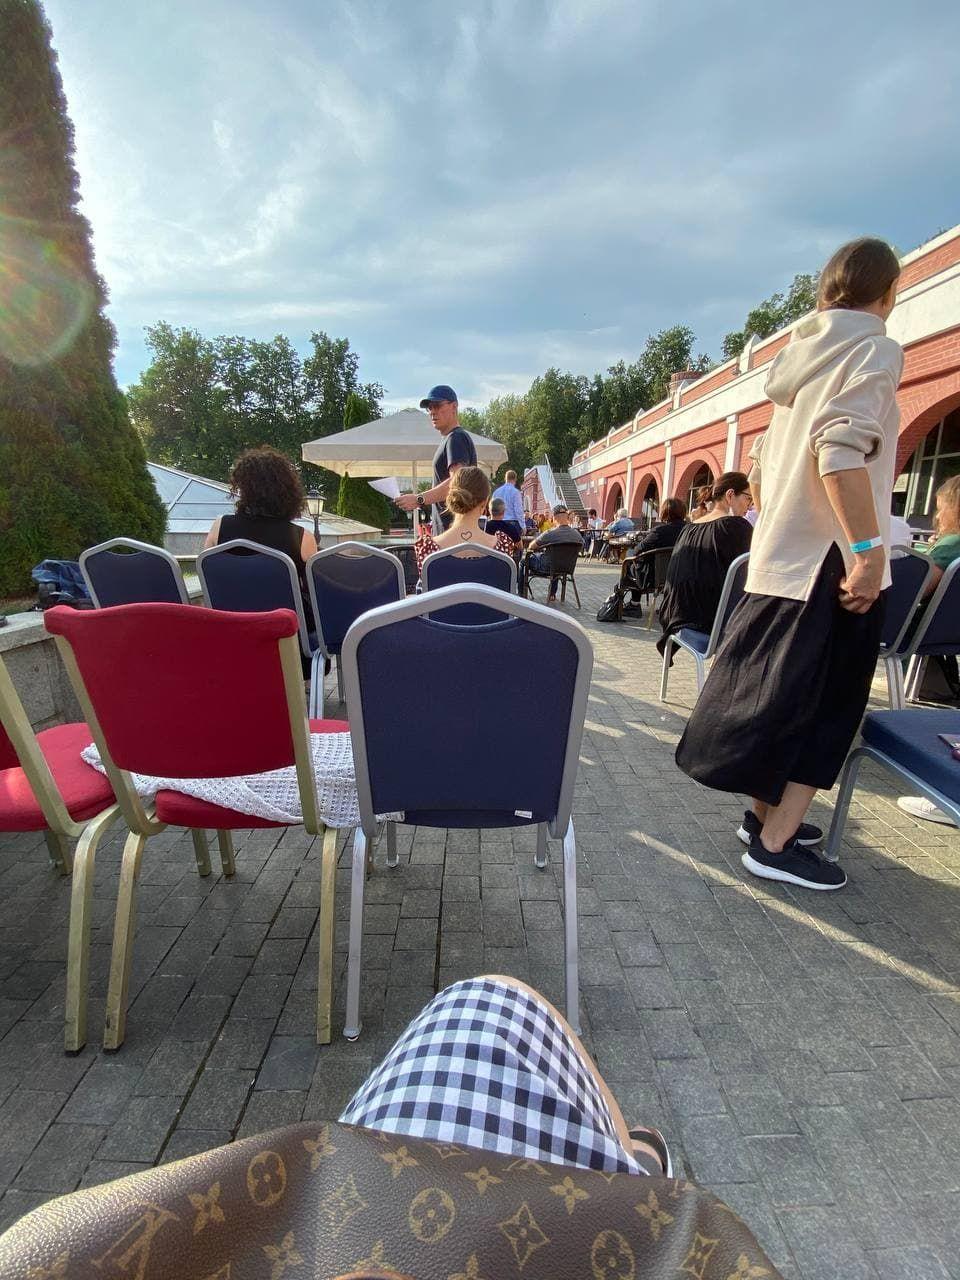 Лето продолжается, один мой долгожданный выходной в Москве, фото 59